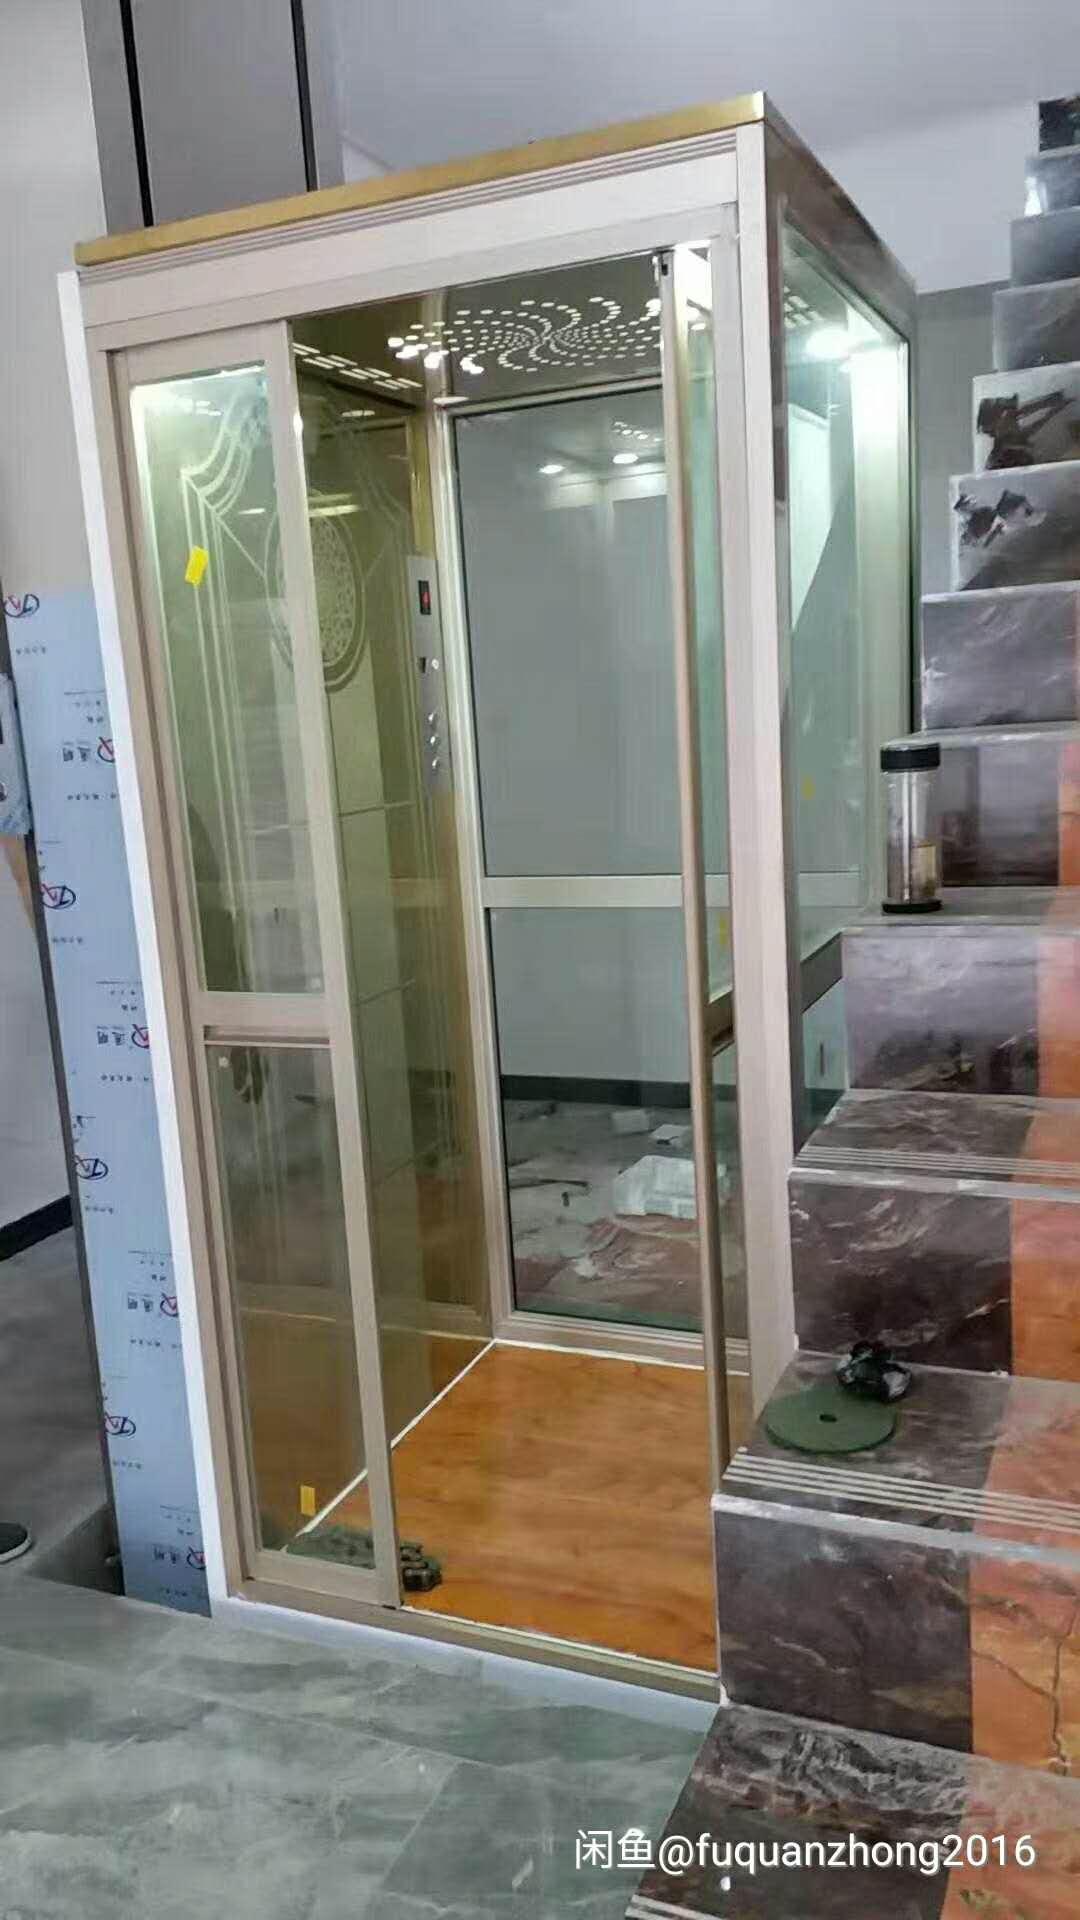 河南省驻马店上蔡简易升降立体车库销售厂家保证质量巨顺智能设备有限公司